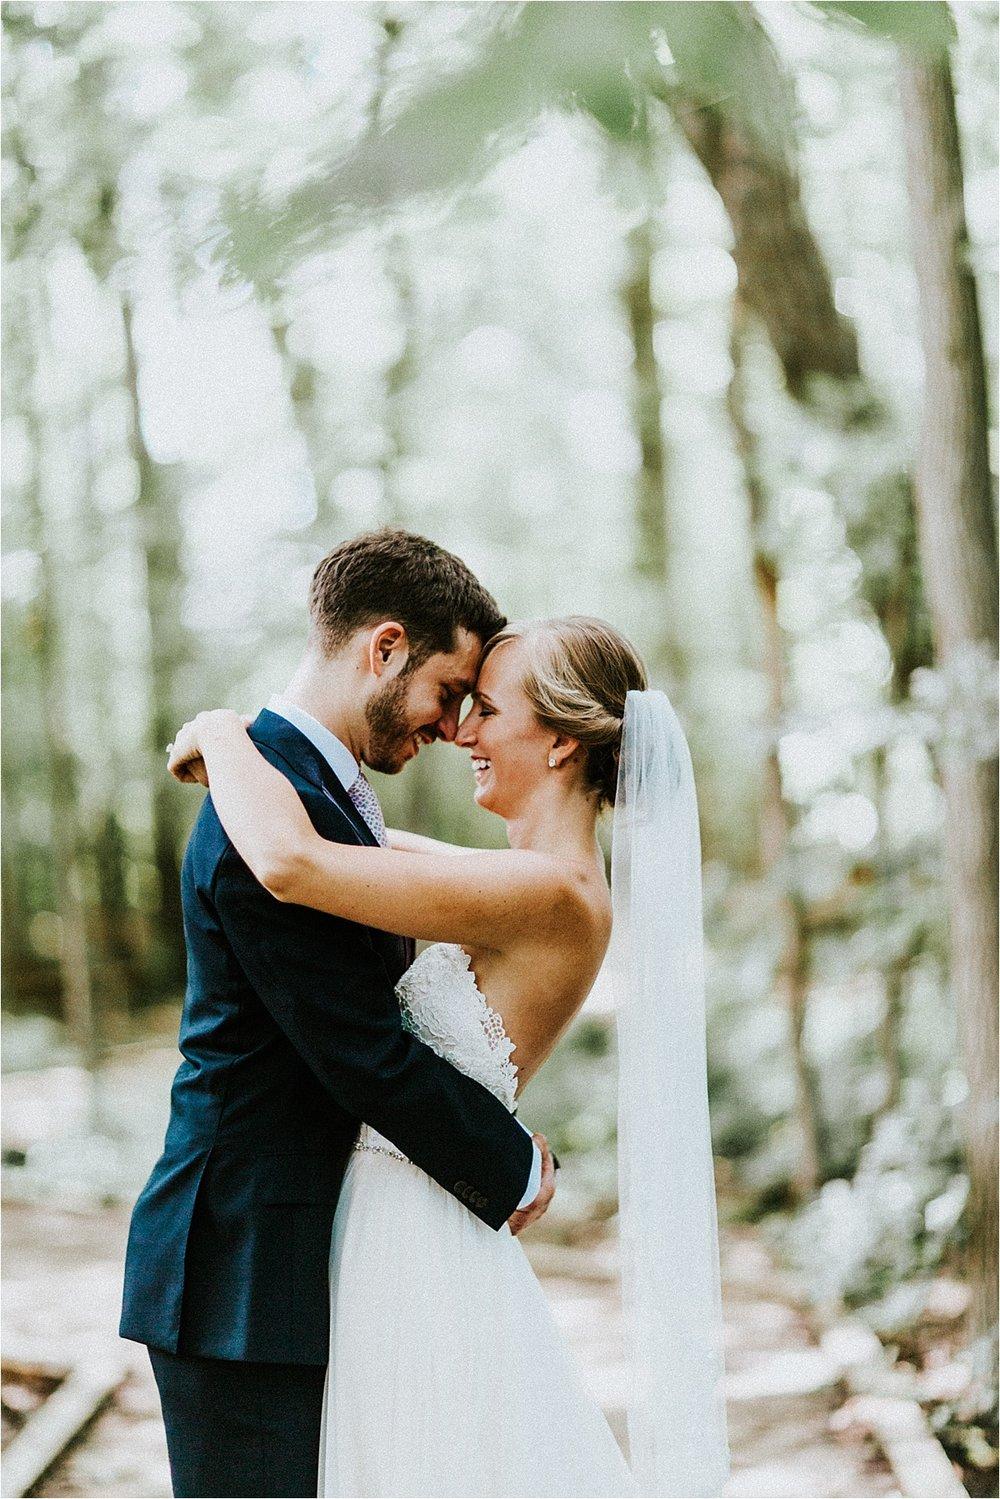 Naomi + Matt Michigan Wedding_0054.jpg